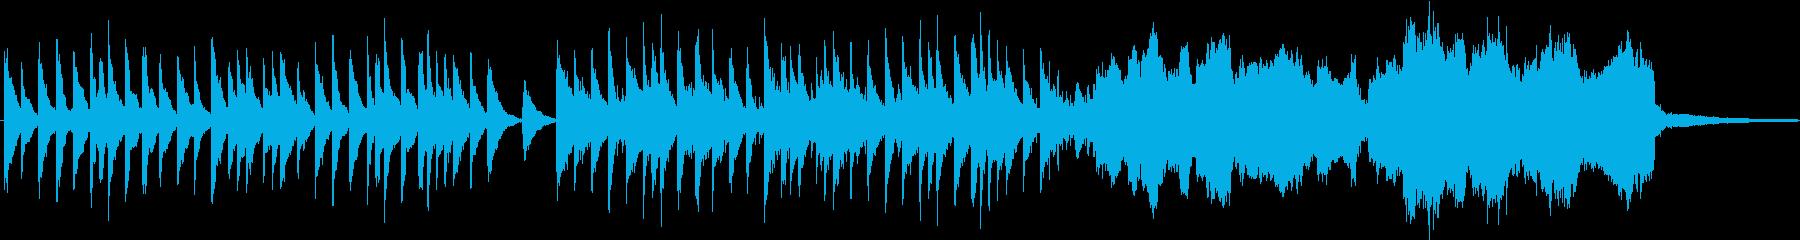 和風!琴とフルートの哀愁溢れるバラードの再生済みの波形